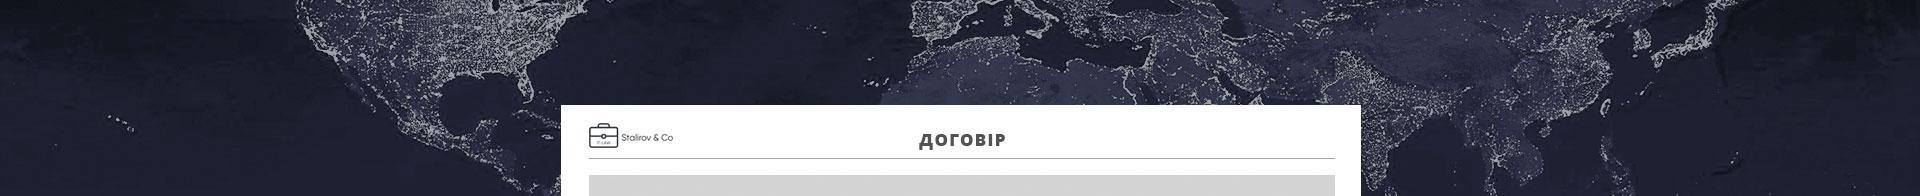 Договір на IT обслуговування для клієнтів в США та ЄС icon